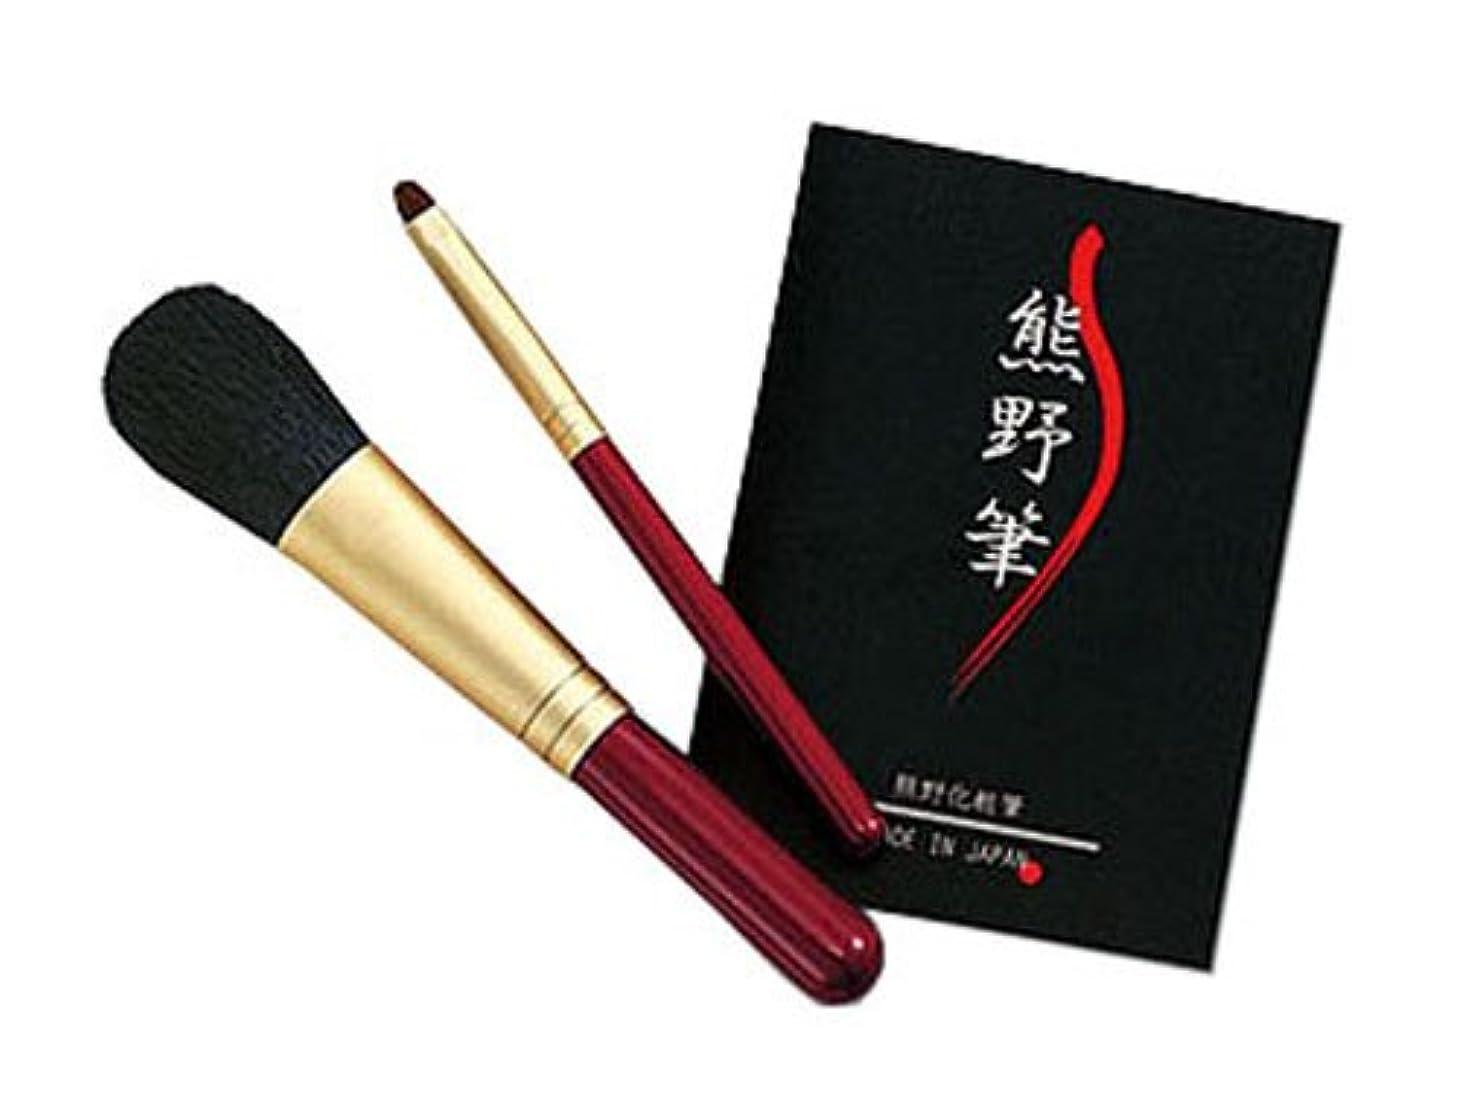 パズル野望ぎこちない熊野筆 化粧筆セット 筆の心 KFi-50R